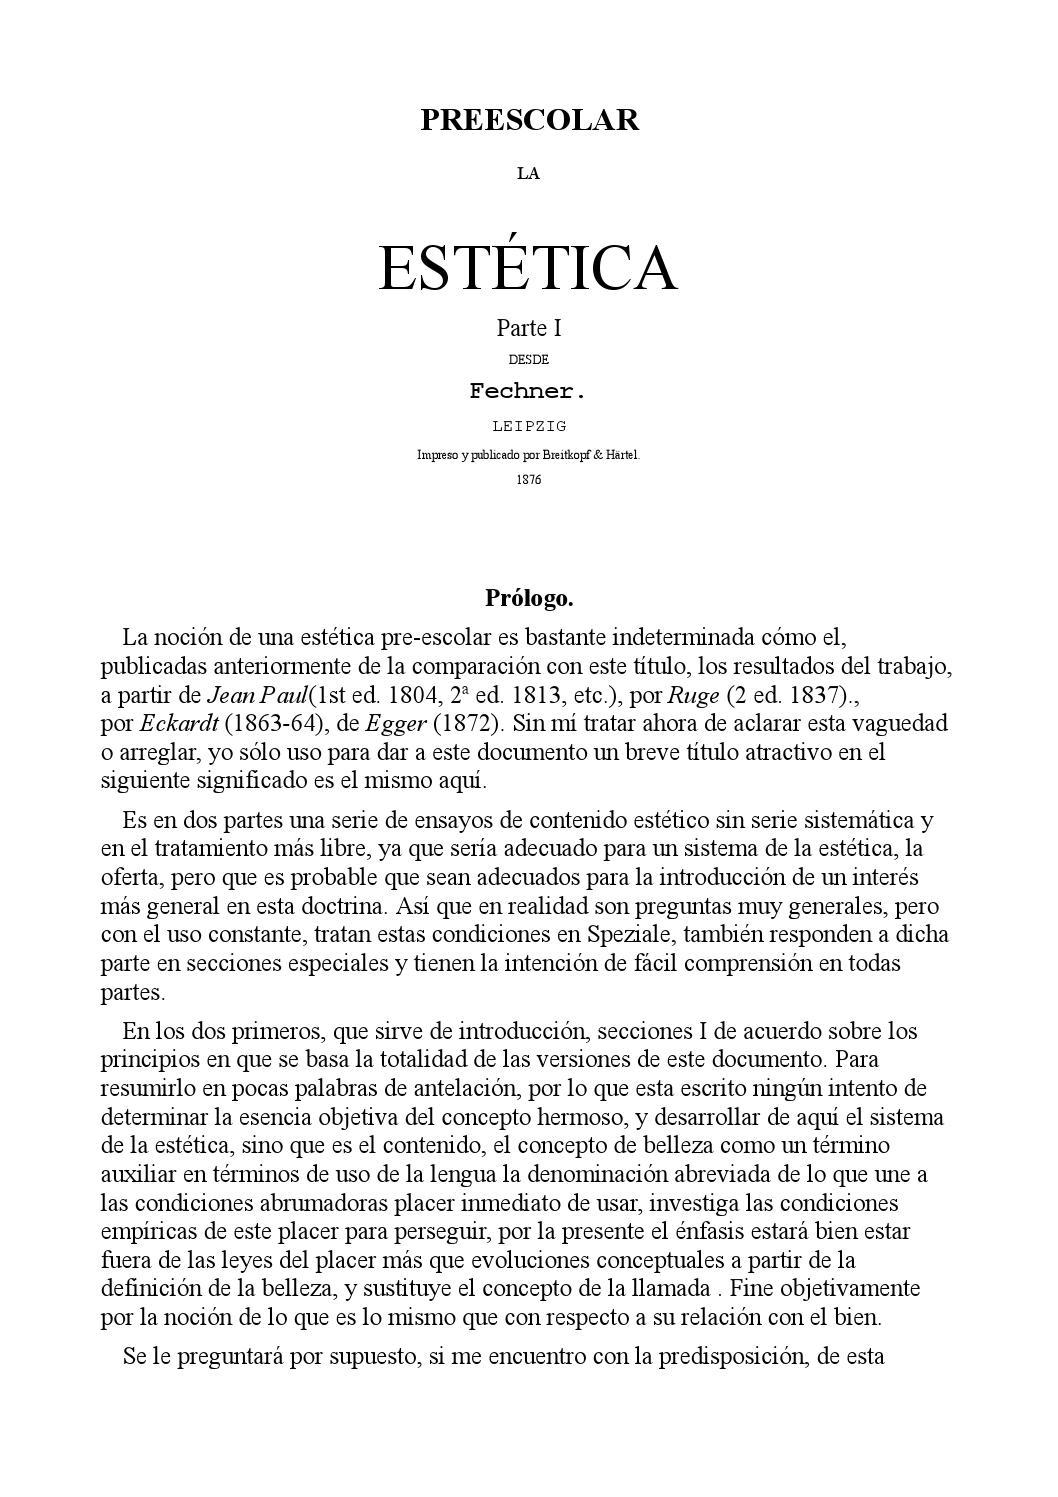 Preescolar la estética 01 castellano gustav theodor fechner by ...